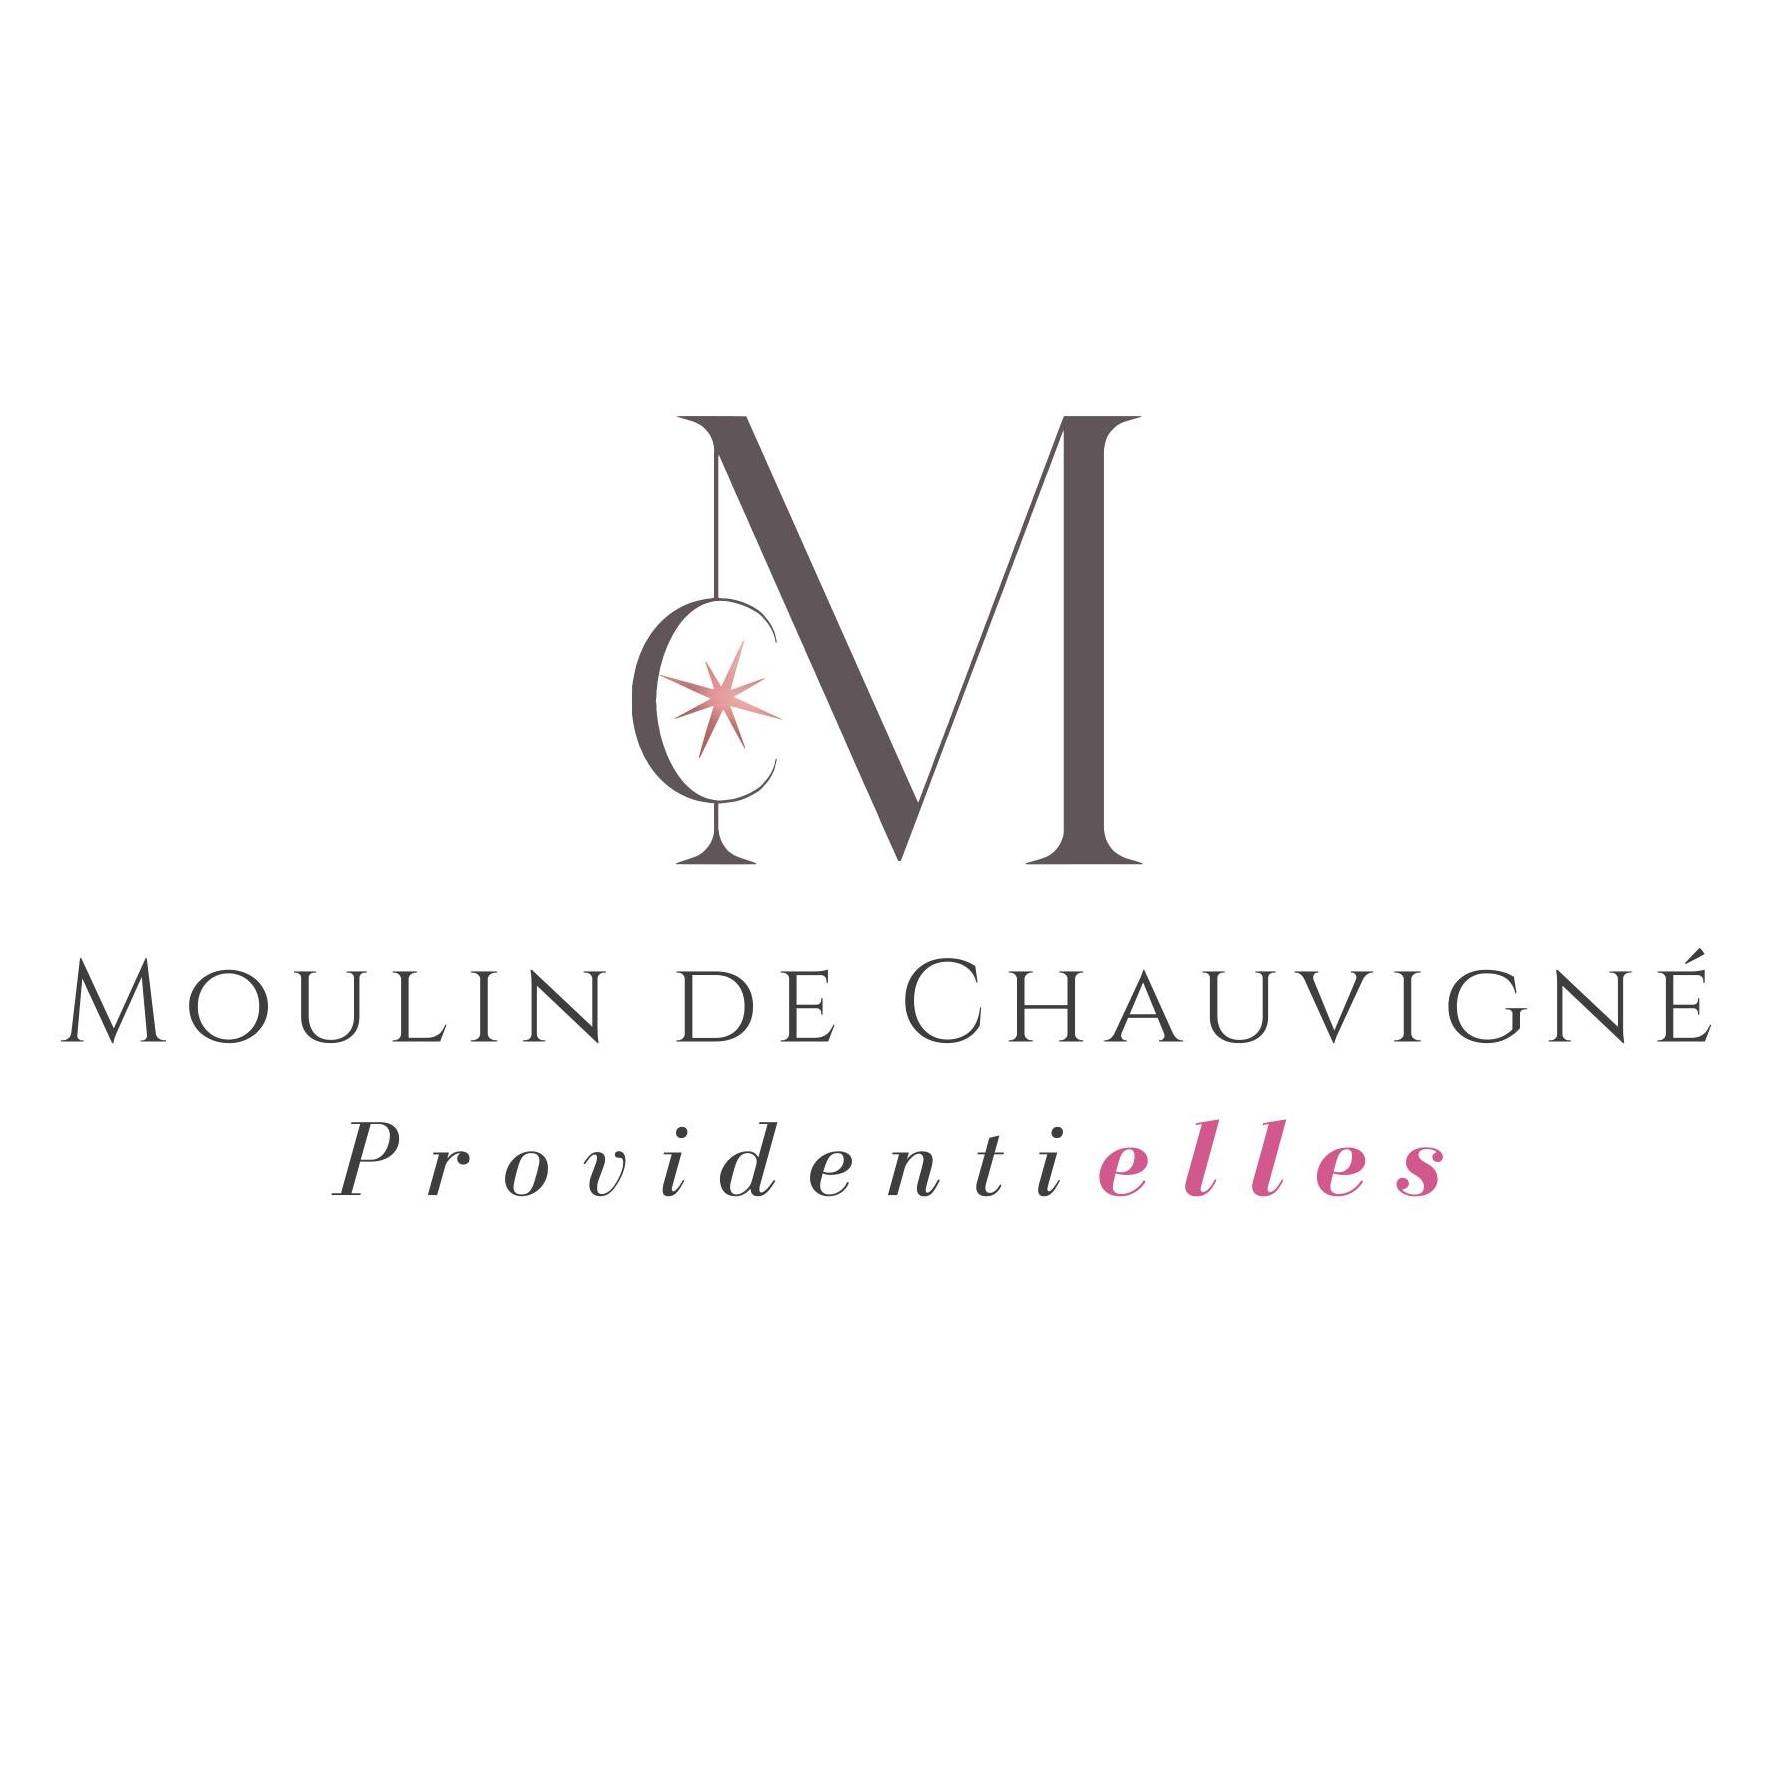 Moulin de Chauvigné